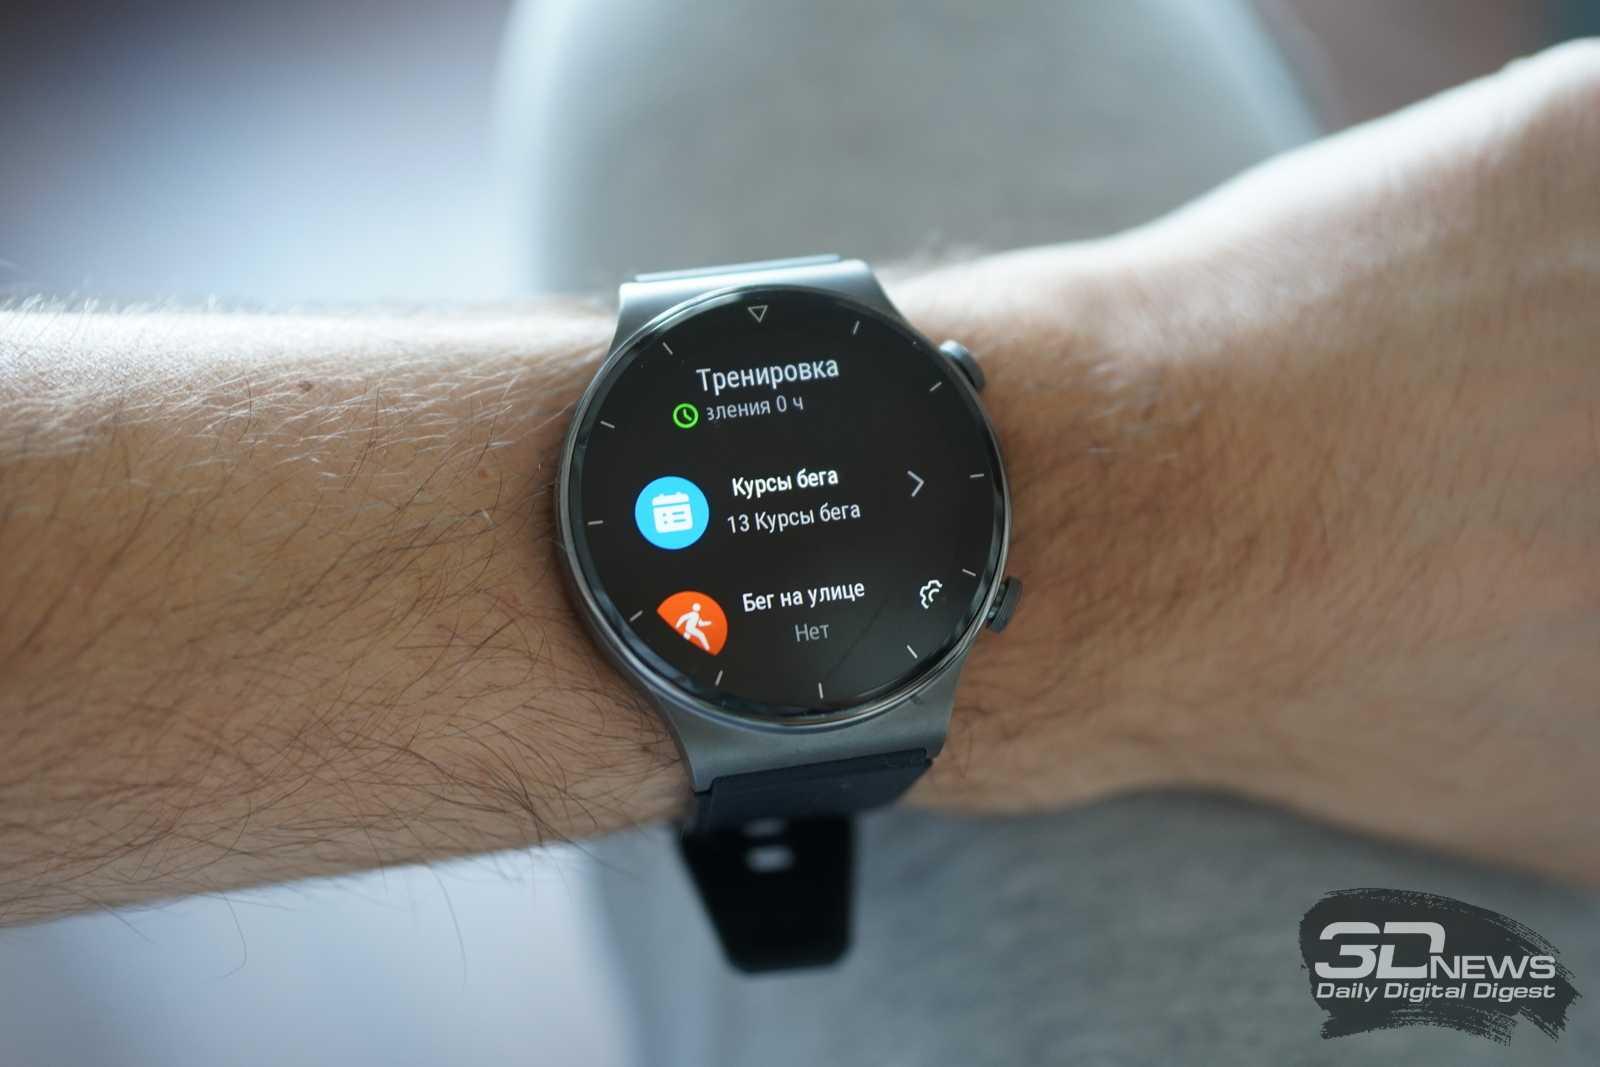 Обзор huawei watch gt 2 pro: характеристики, цена и где купить